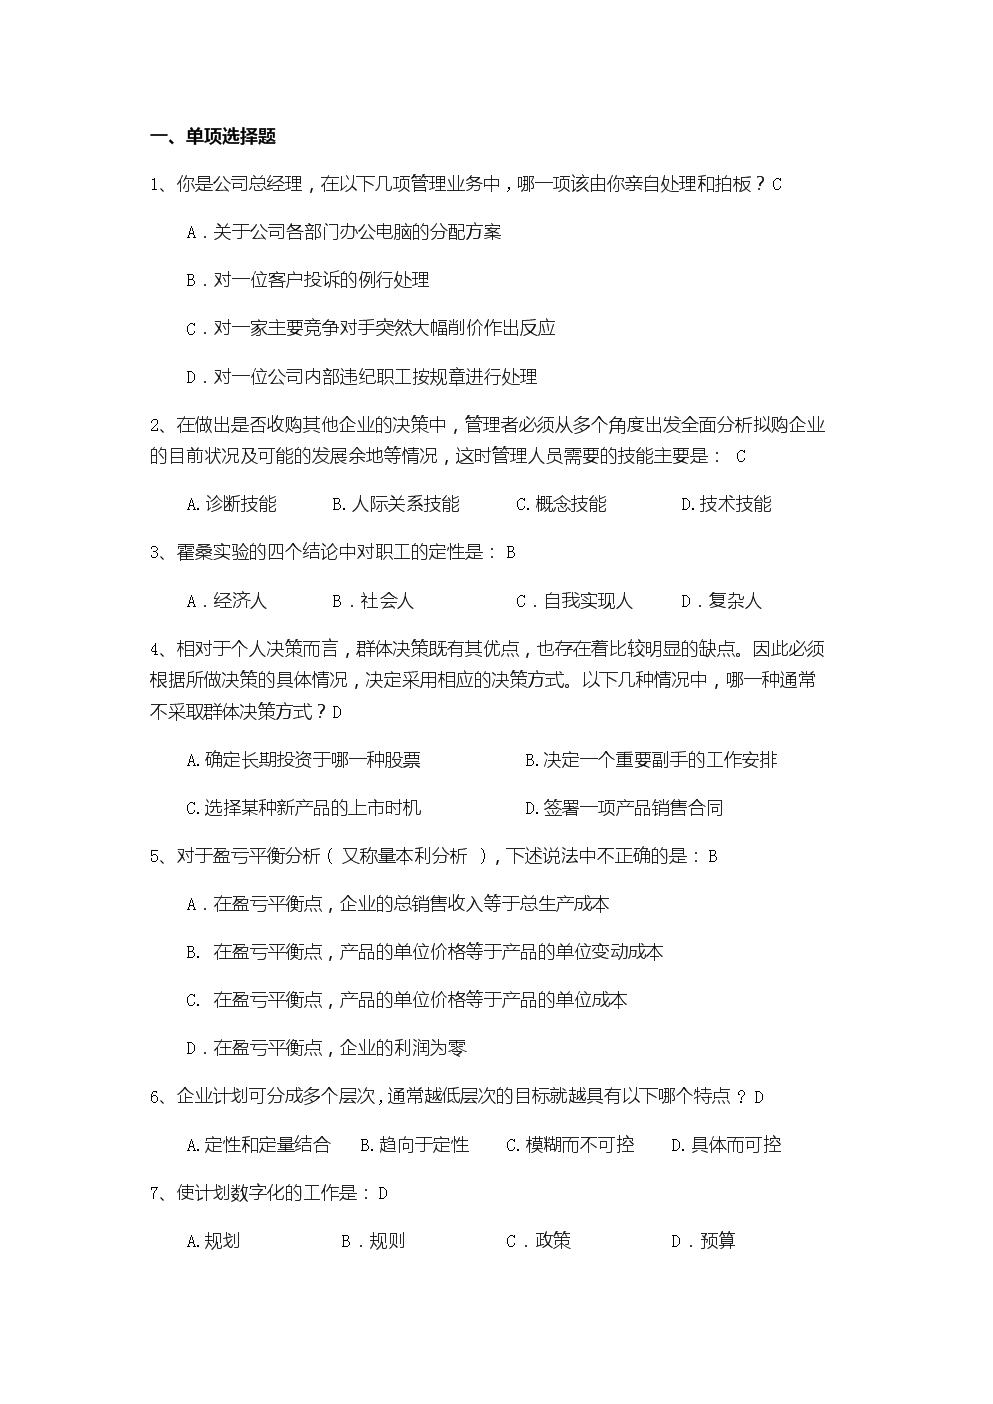 管理学考试题.docx